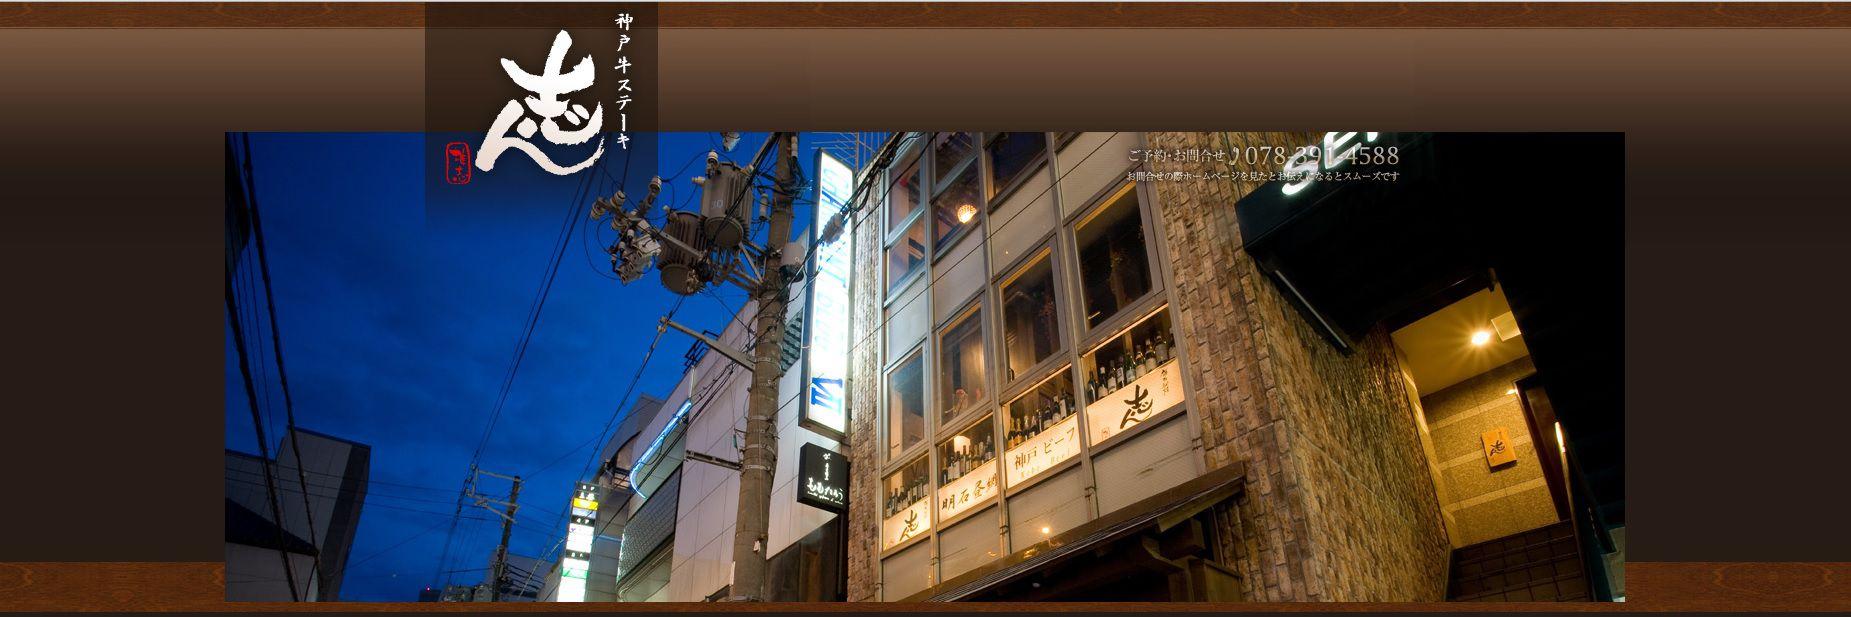 自家製ローストビーフ通販|神戸牛・神戸有機野菜 志ん三宮本店 JR神戸線三ノ宮駅西口から徒歩5分